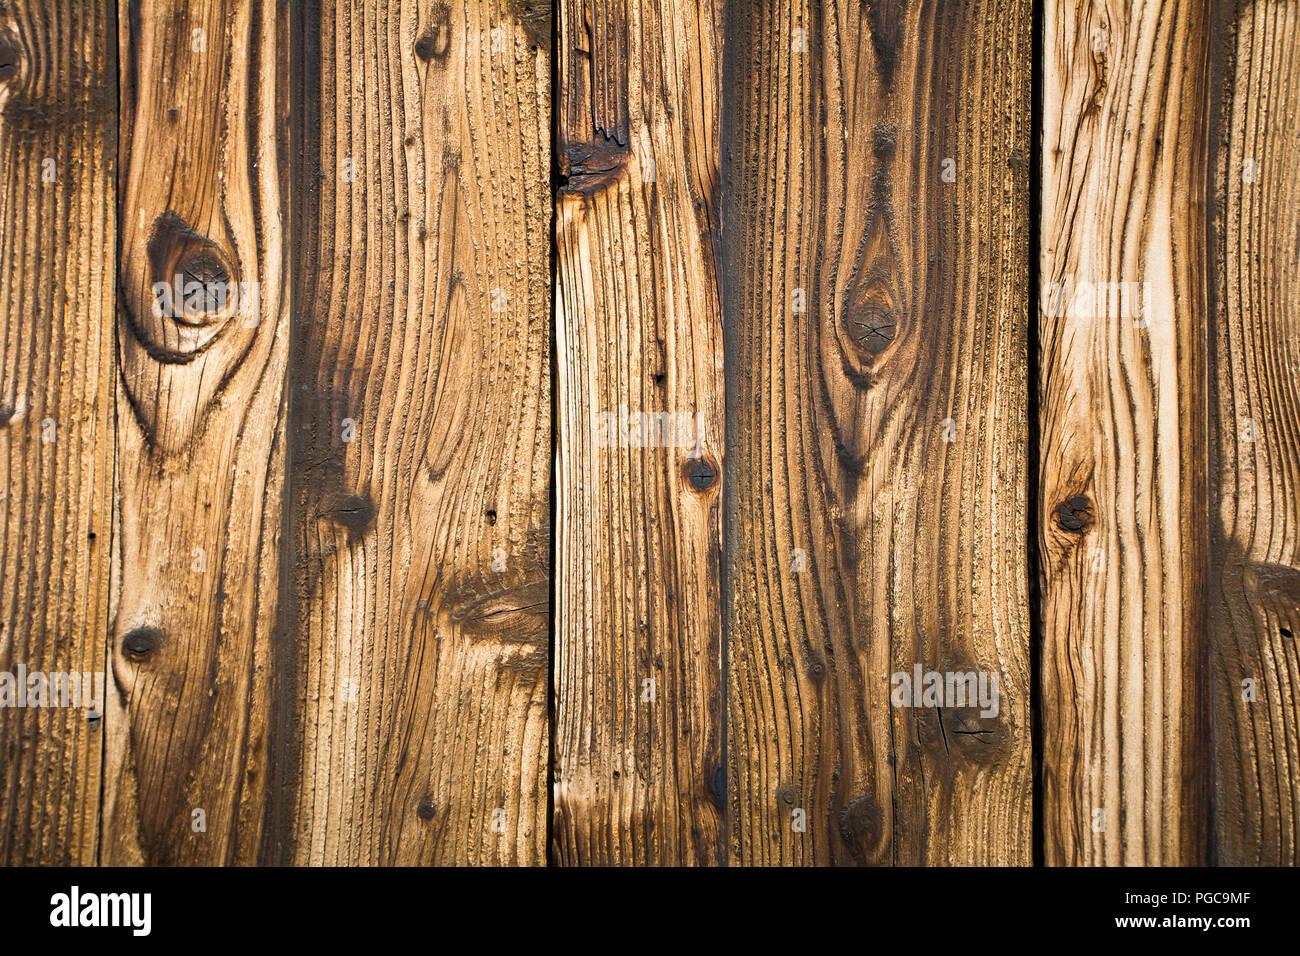 Un frammento di un vecchio muro in legno di un edificio. Sfondo. Texture. 181e3b174419